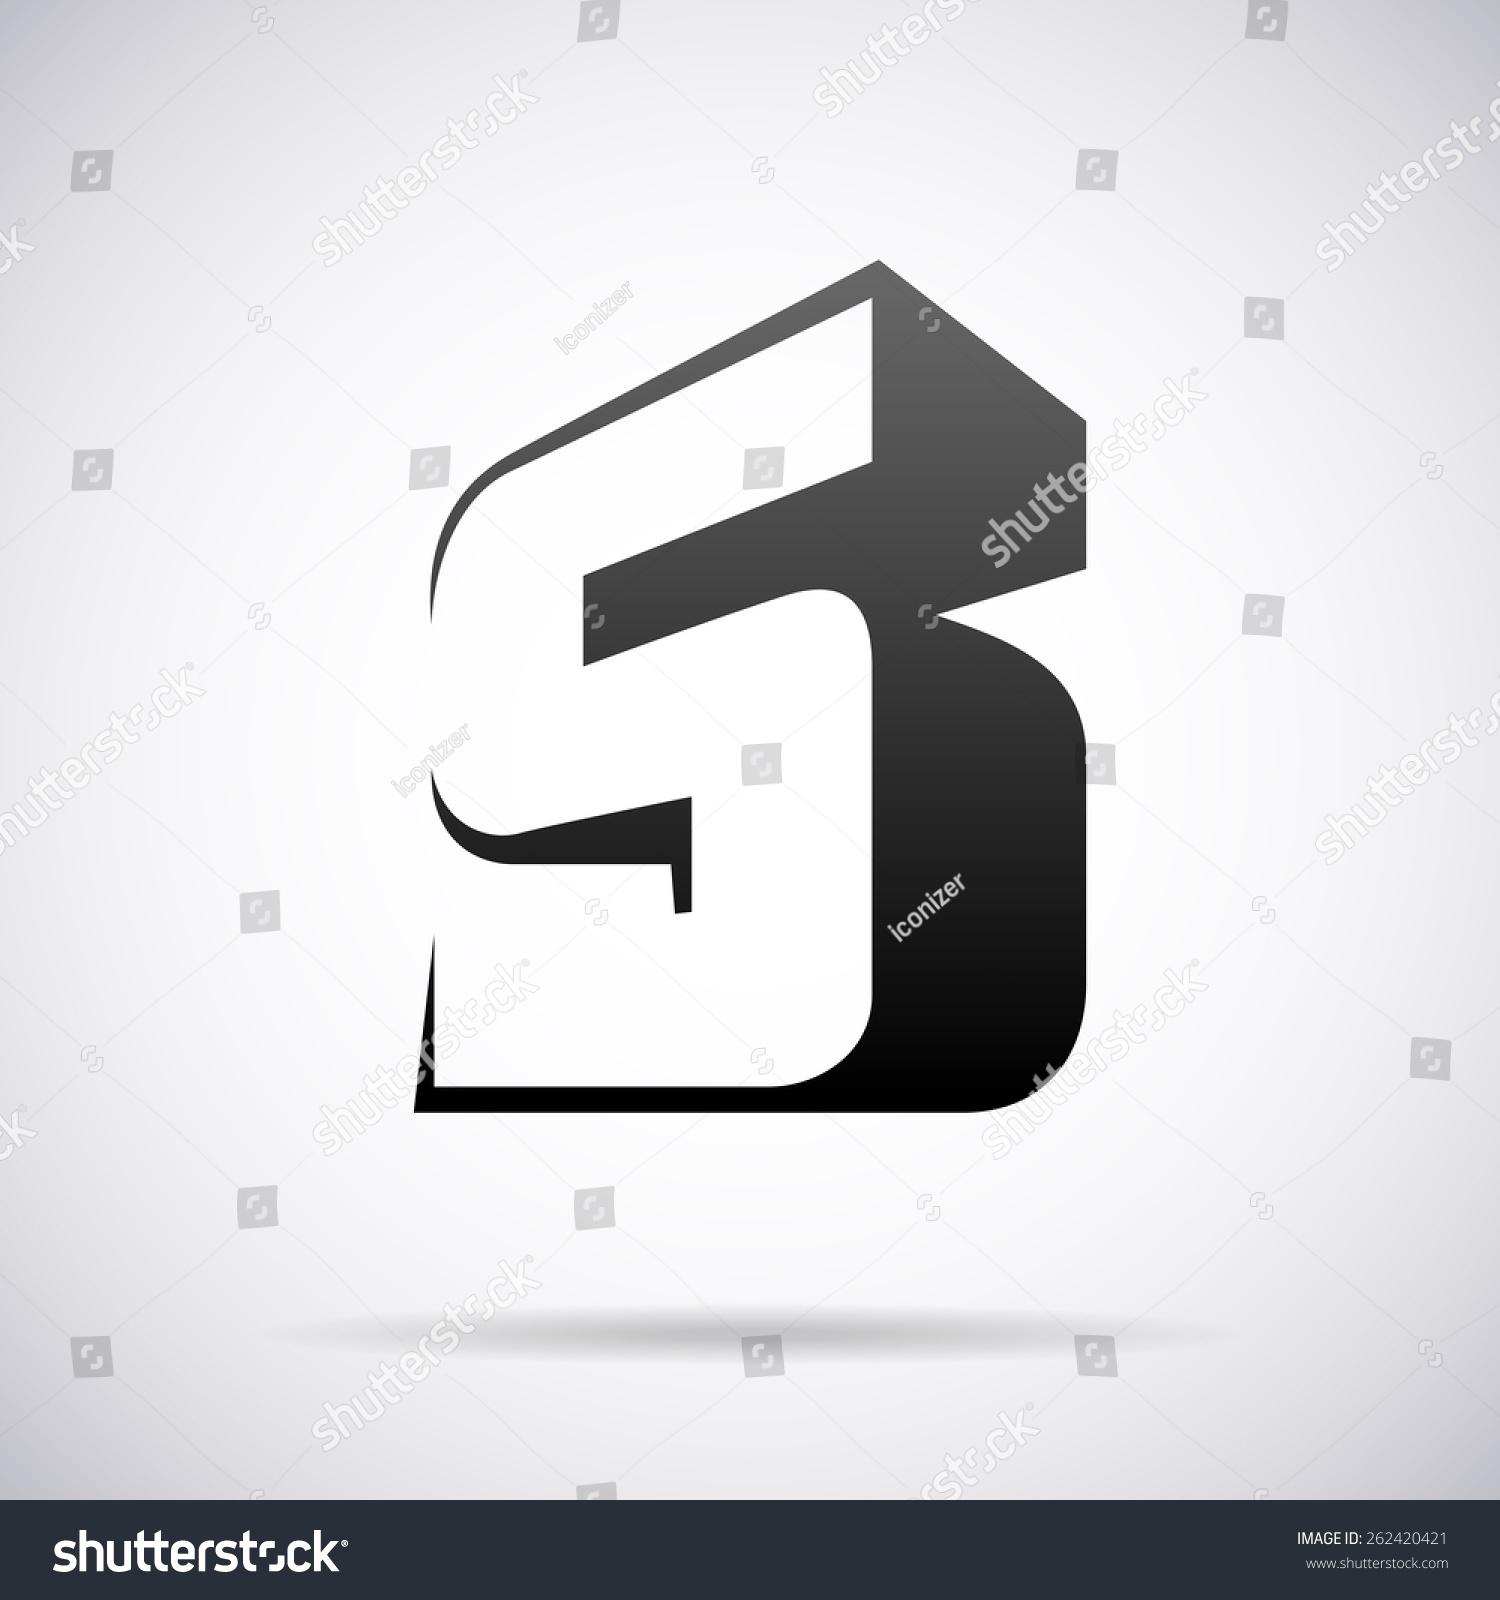 字母的设计模板矢量标识-符号/标志